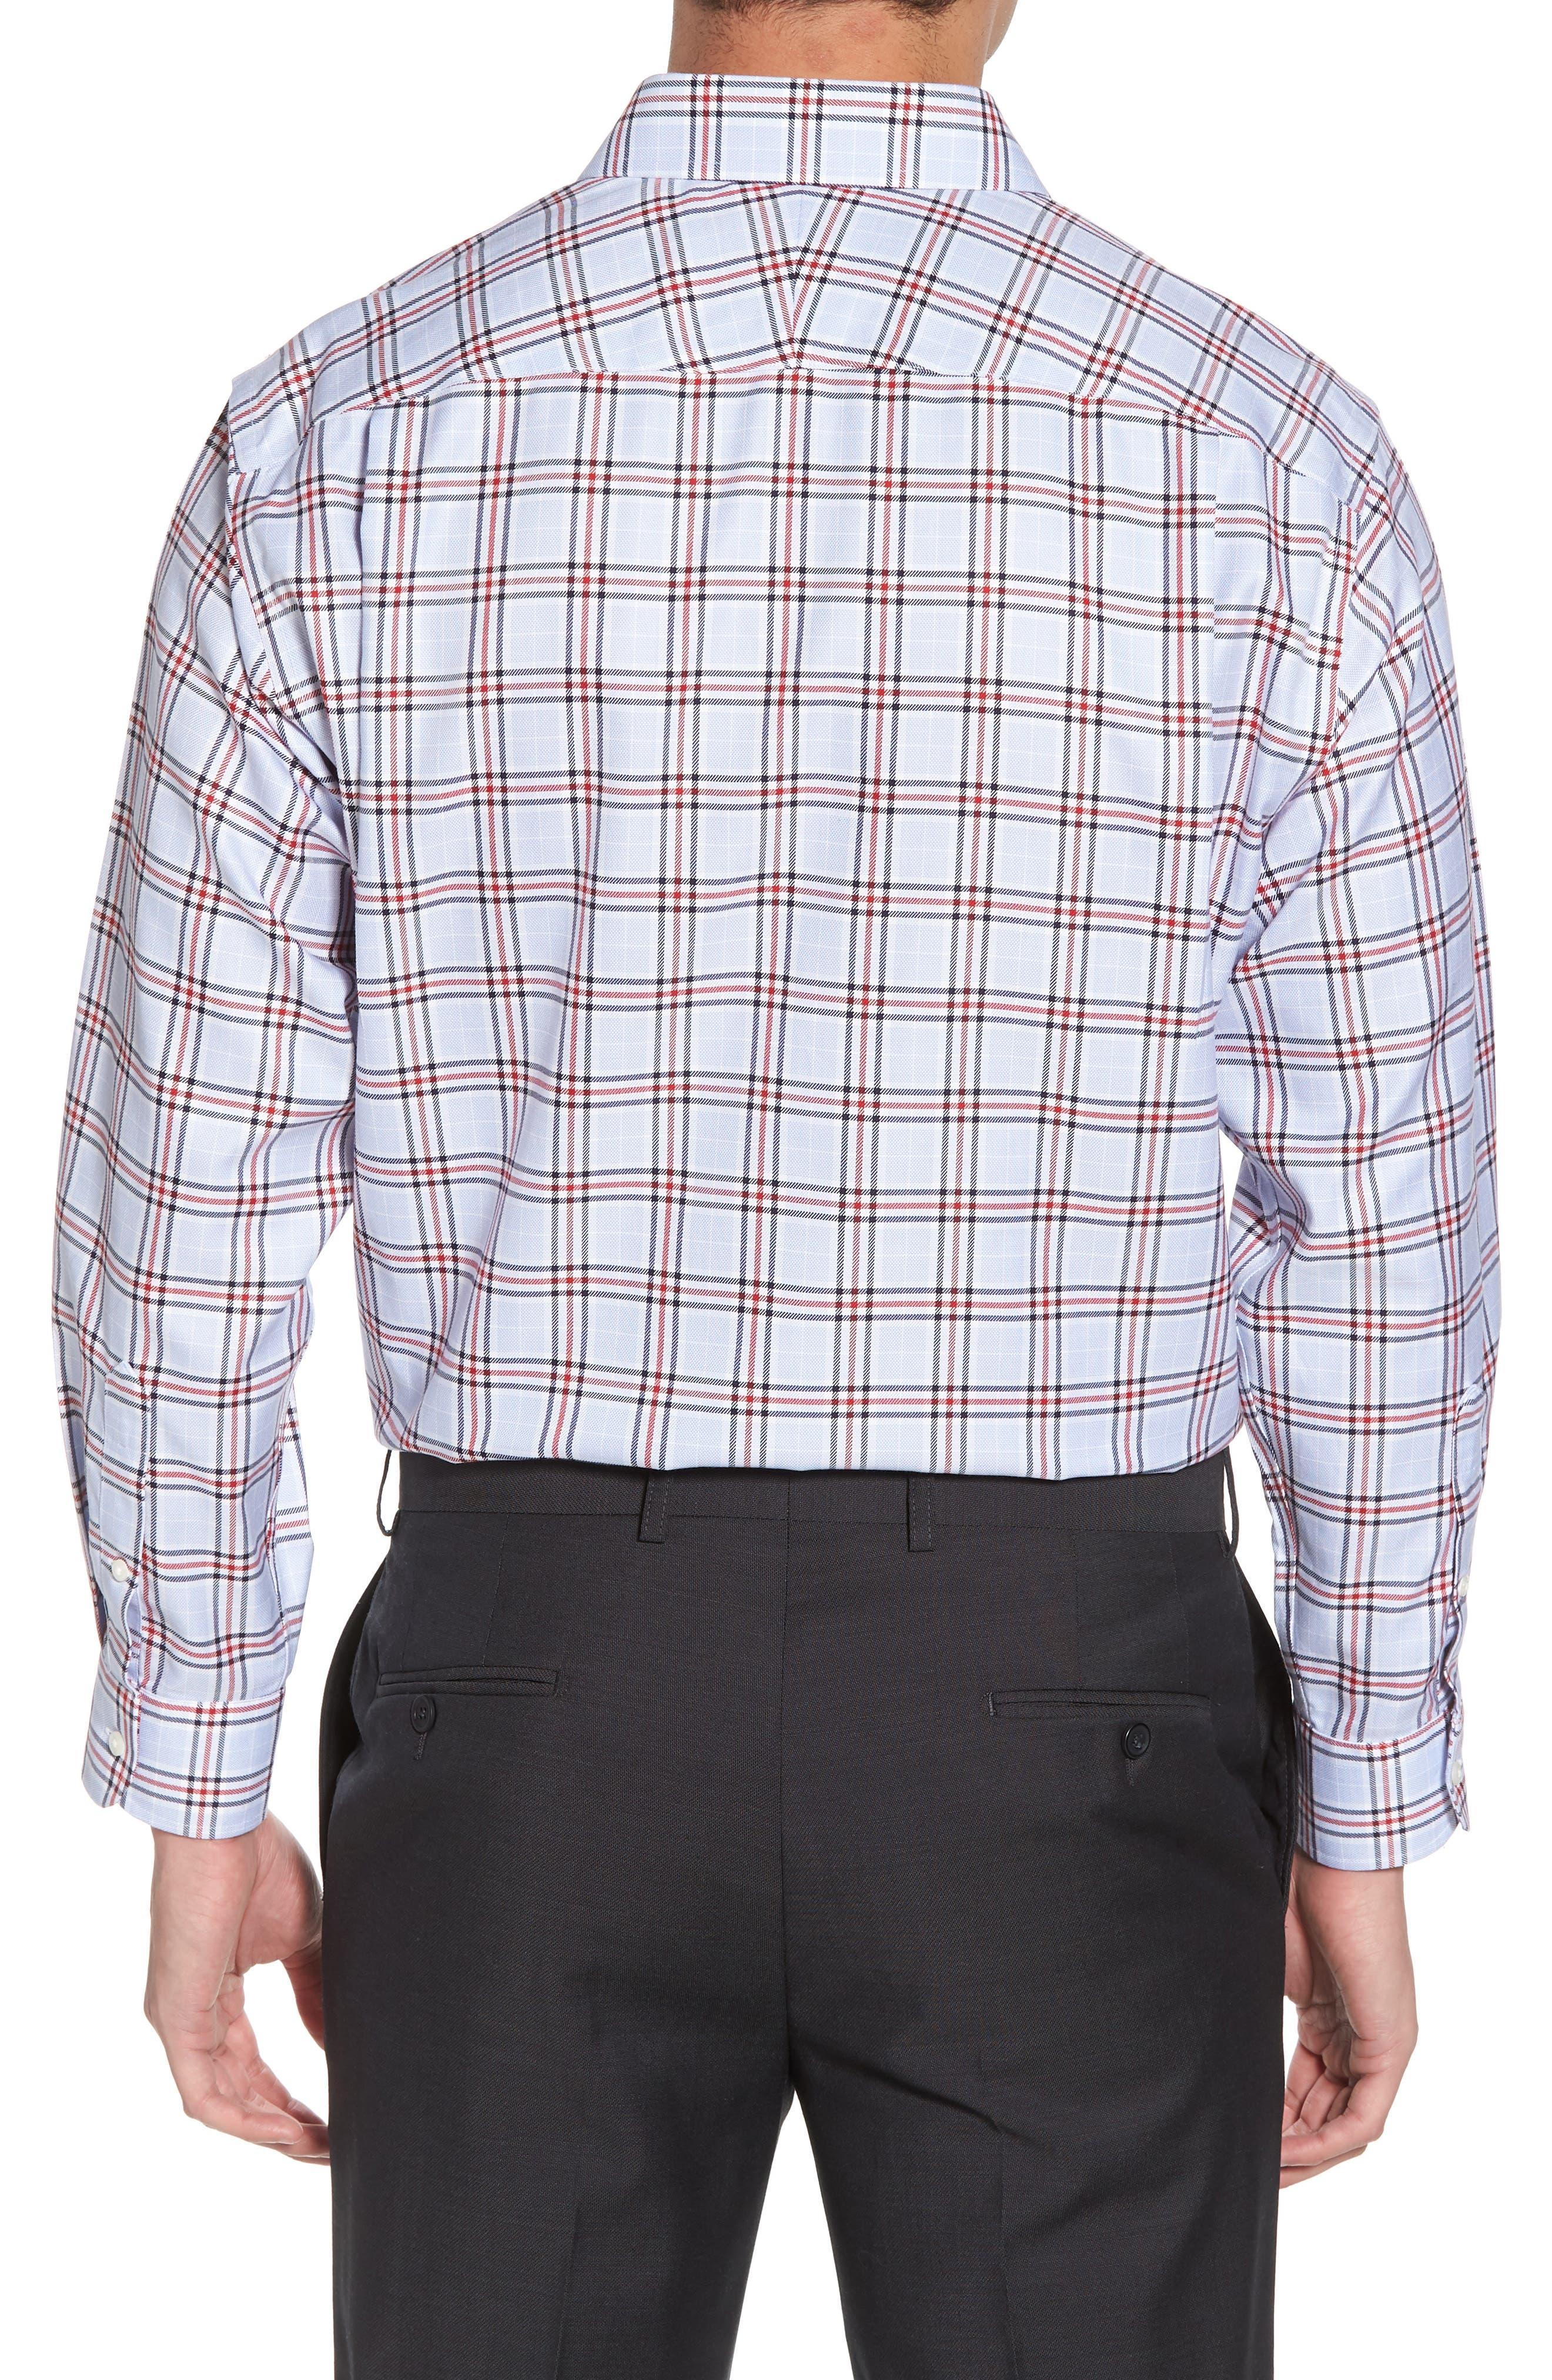 Alternate Image 2  - Nordstrom Men's Shop Smartcare™ Classic Fit Plaid Dress Shirt